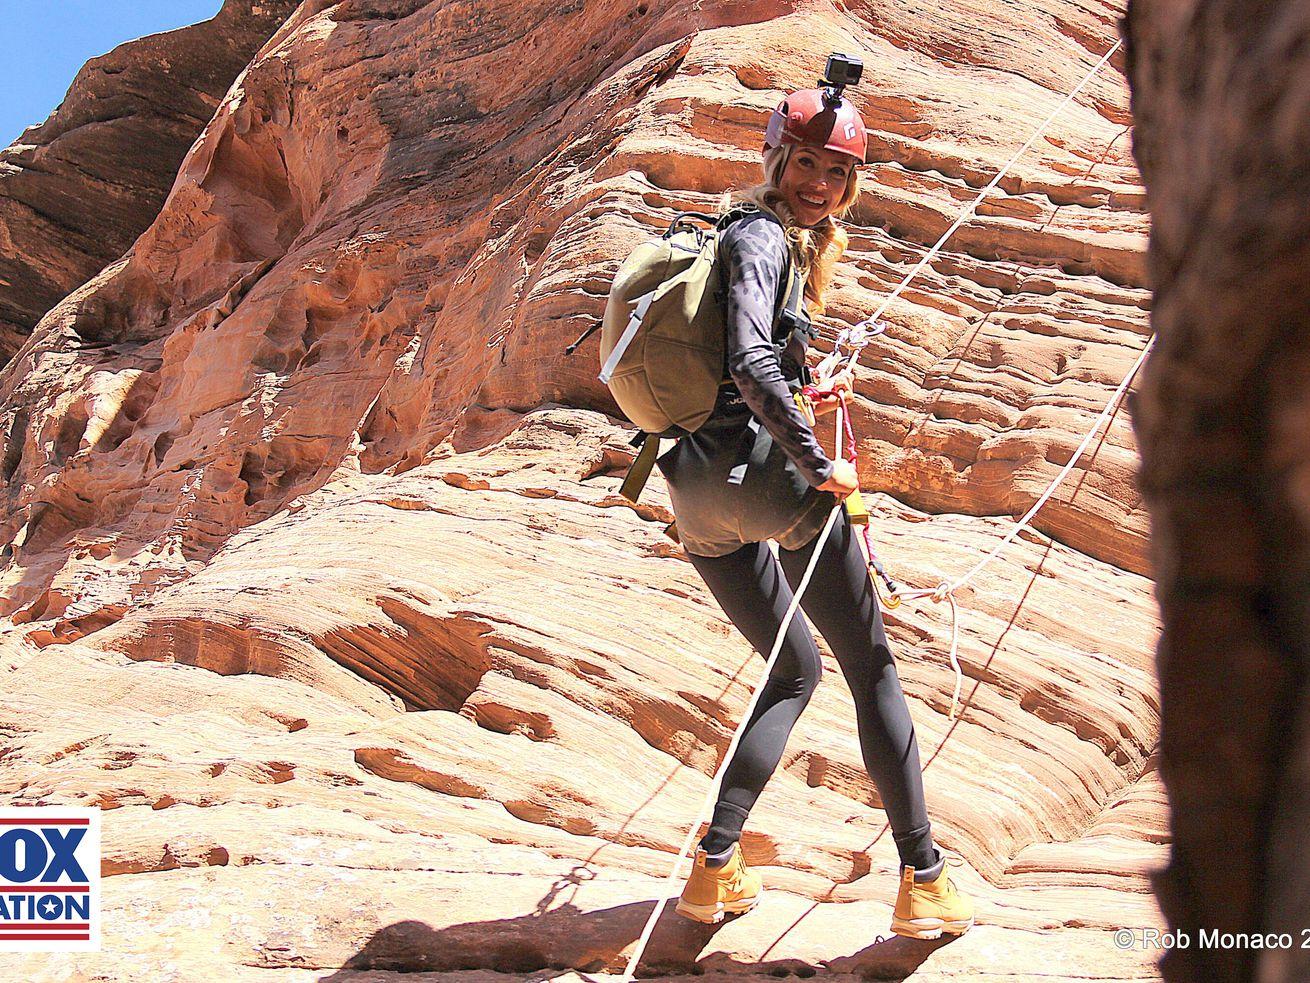 Abby Hornacek returns to Utah for visit to Zion National Park